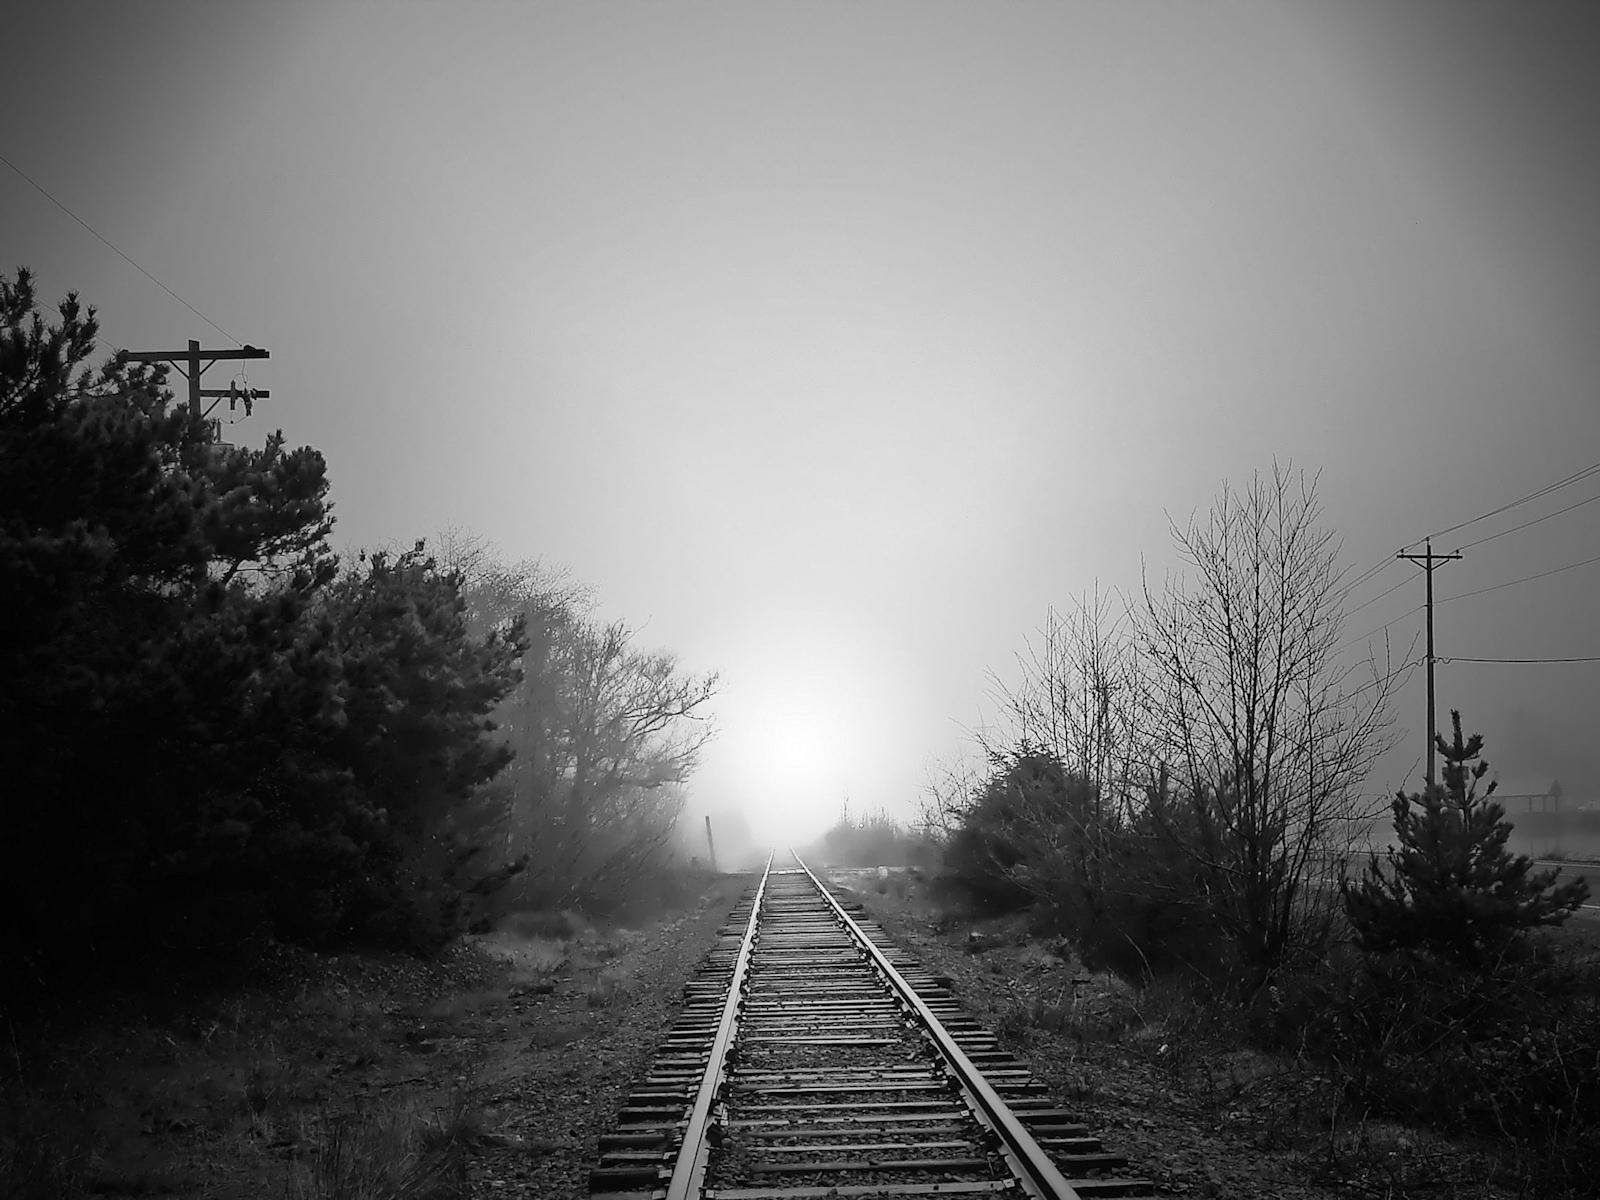 Пассажиров железной дороги сделают беднее